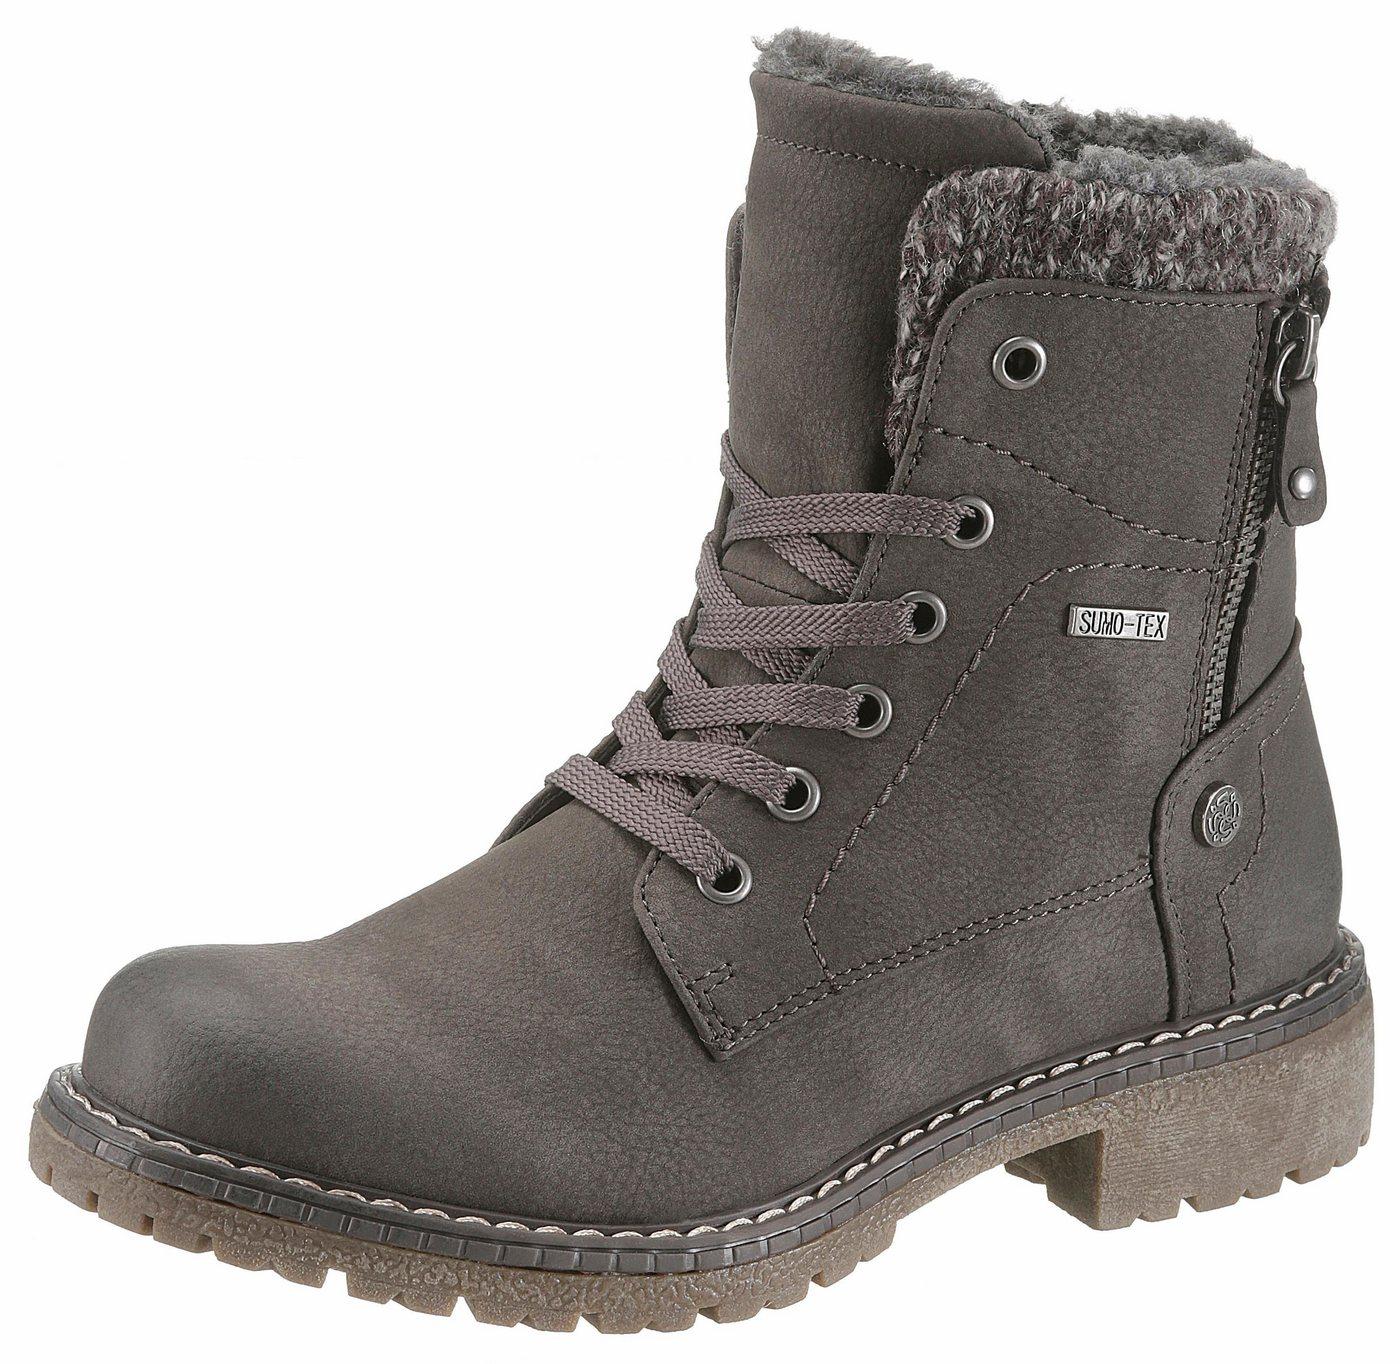 Supremo Winterstiefelette mit Tex-Ausstattung | Schuhe > Boots > Winterstiefel | Grau | Supremo